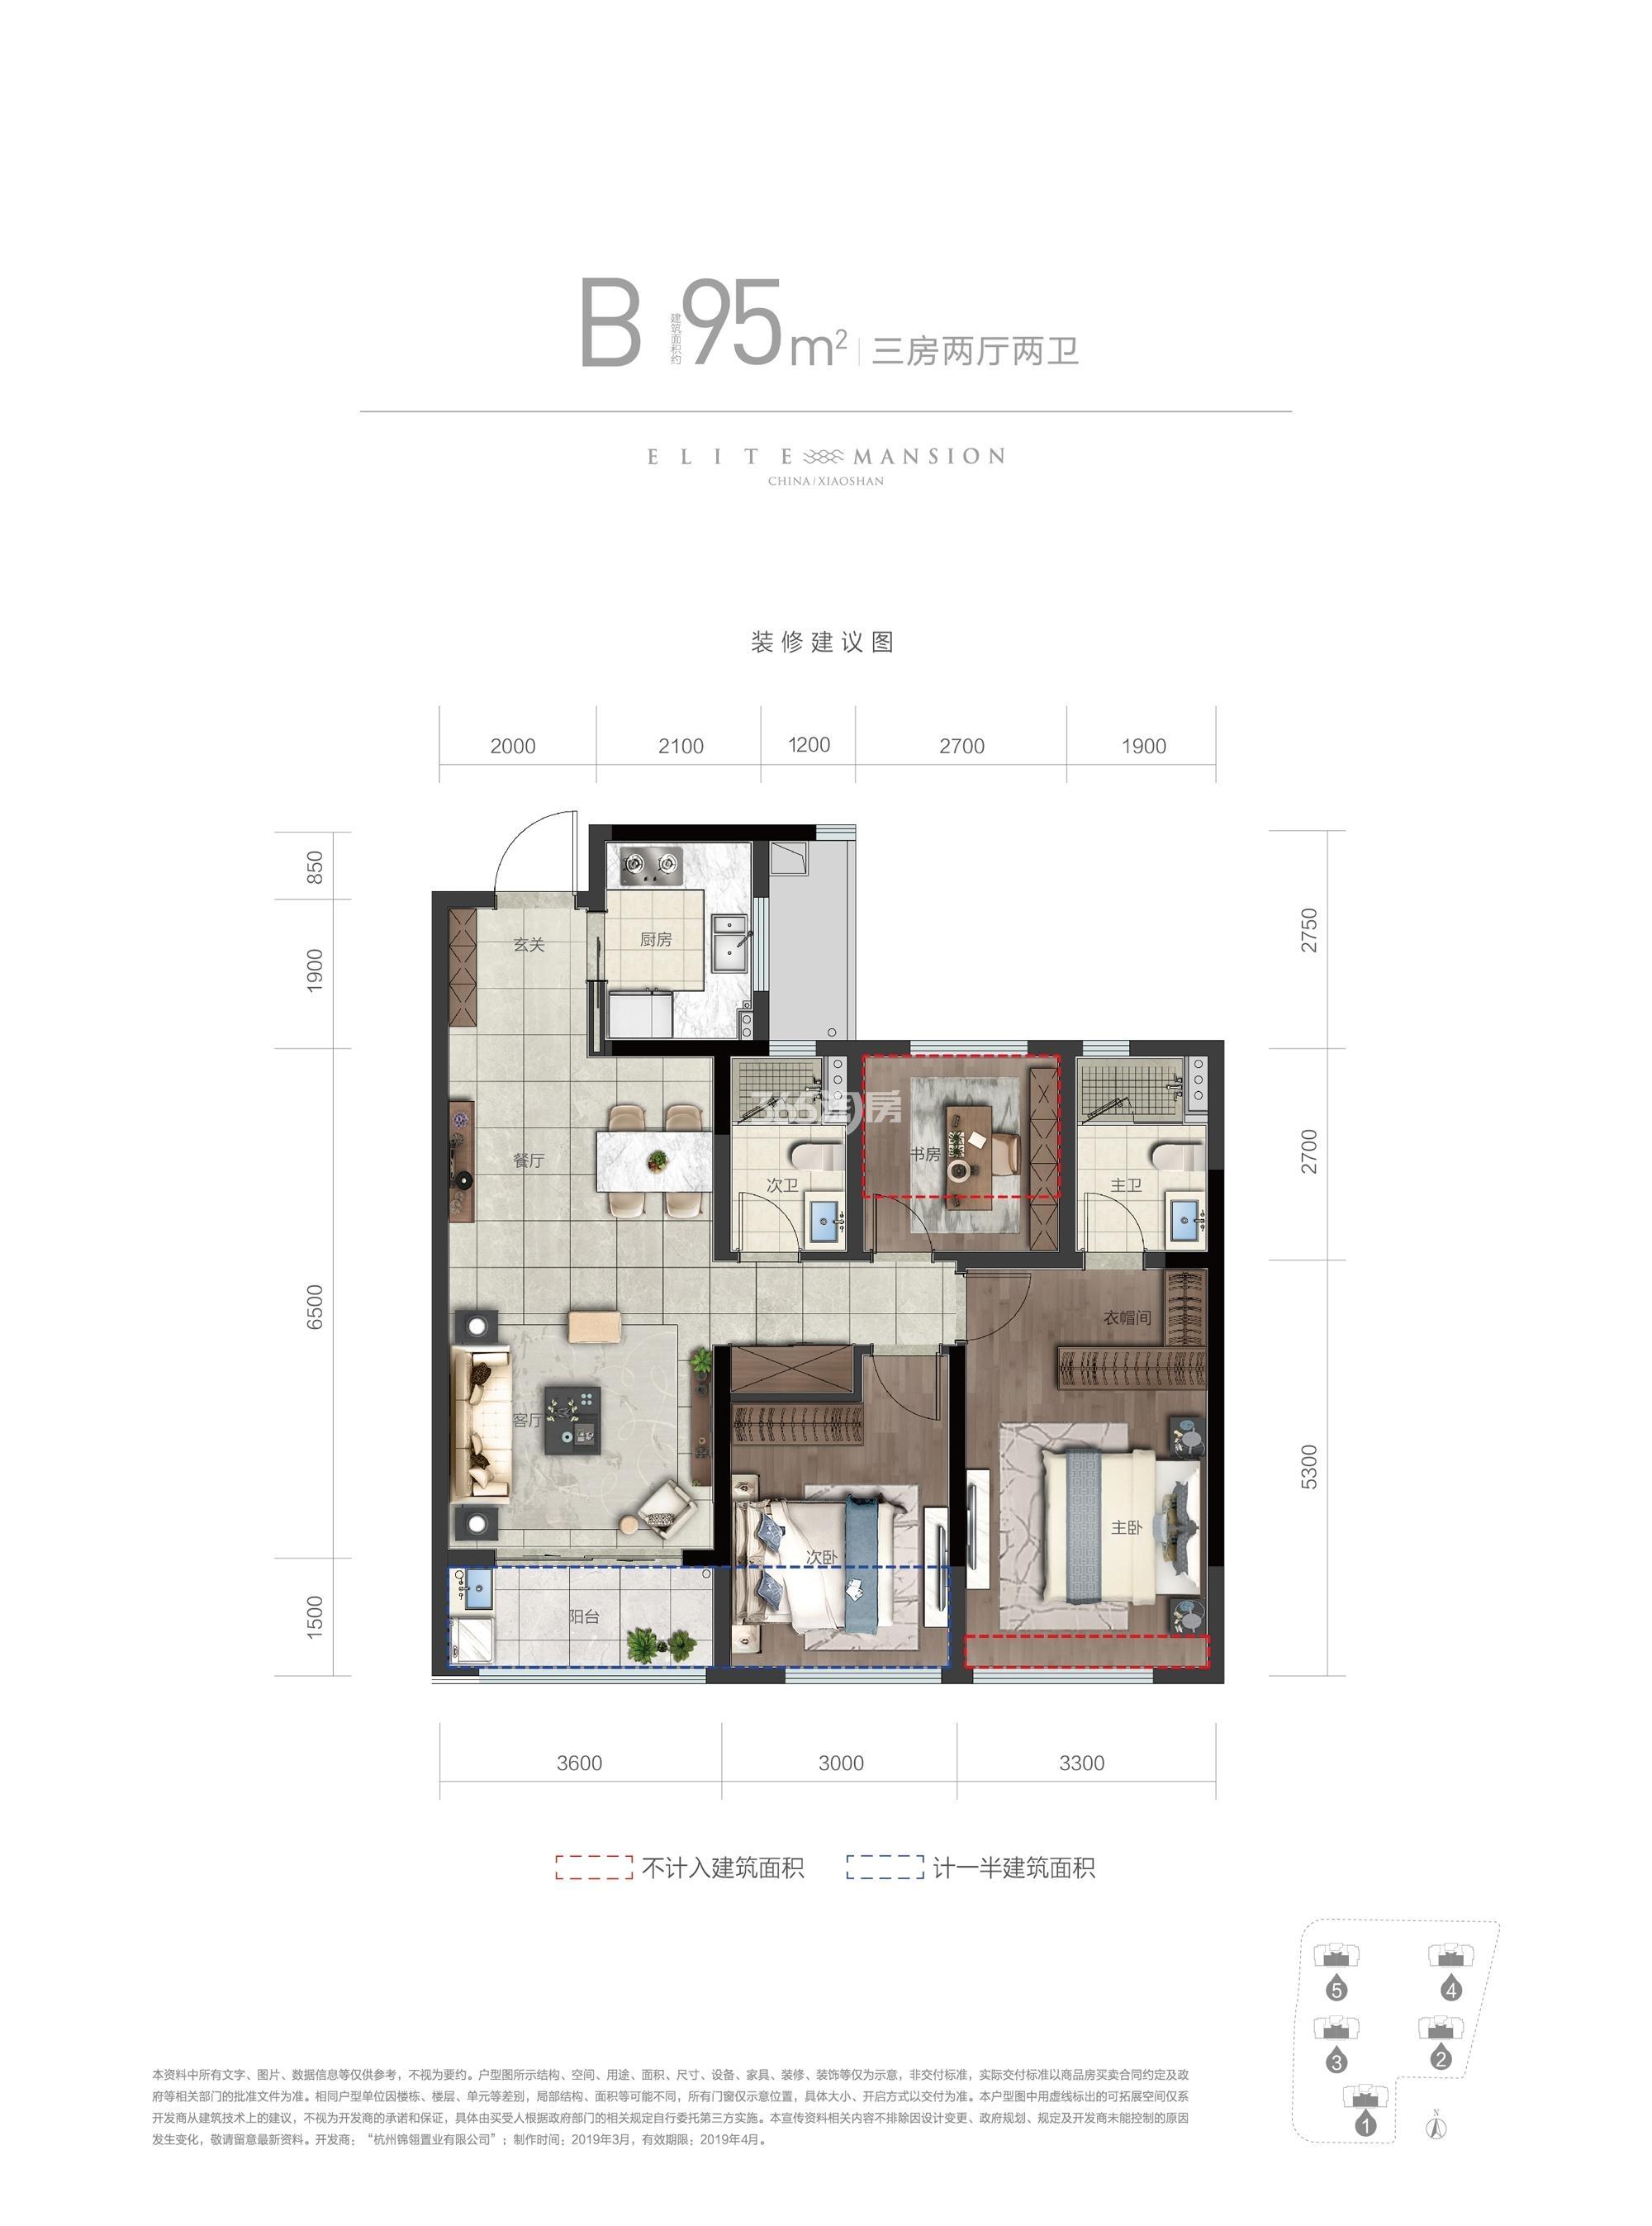 新越锦宸名邸B户型95方(1-5#)